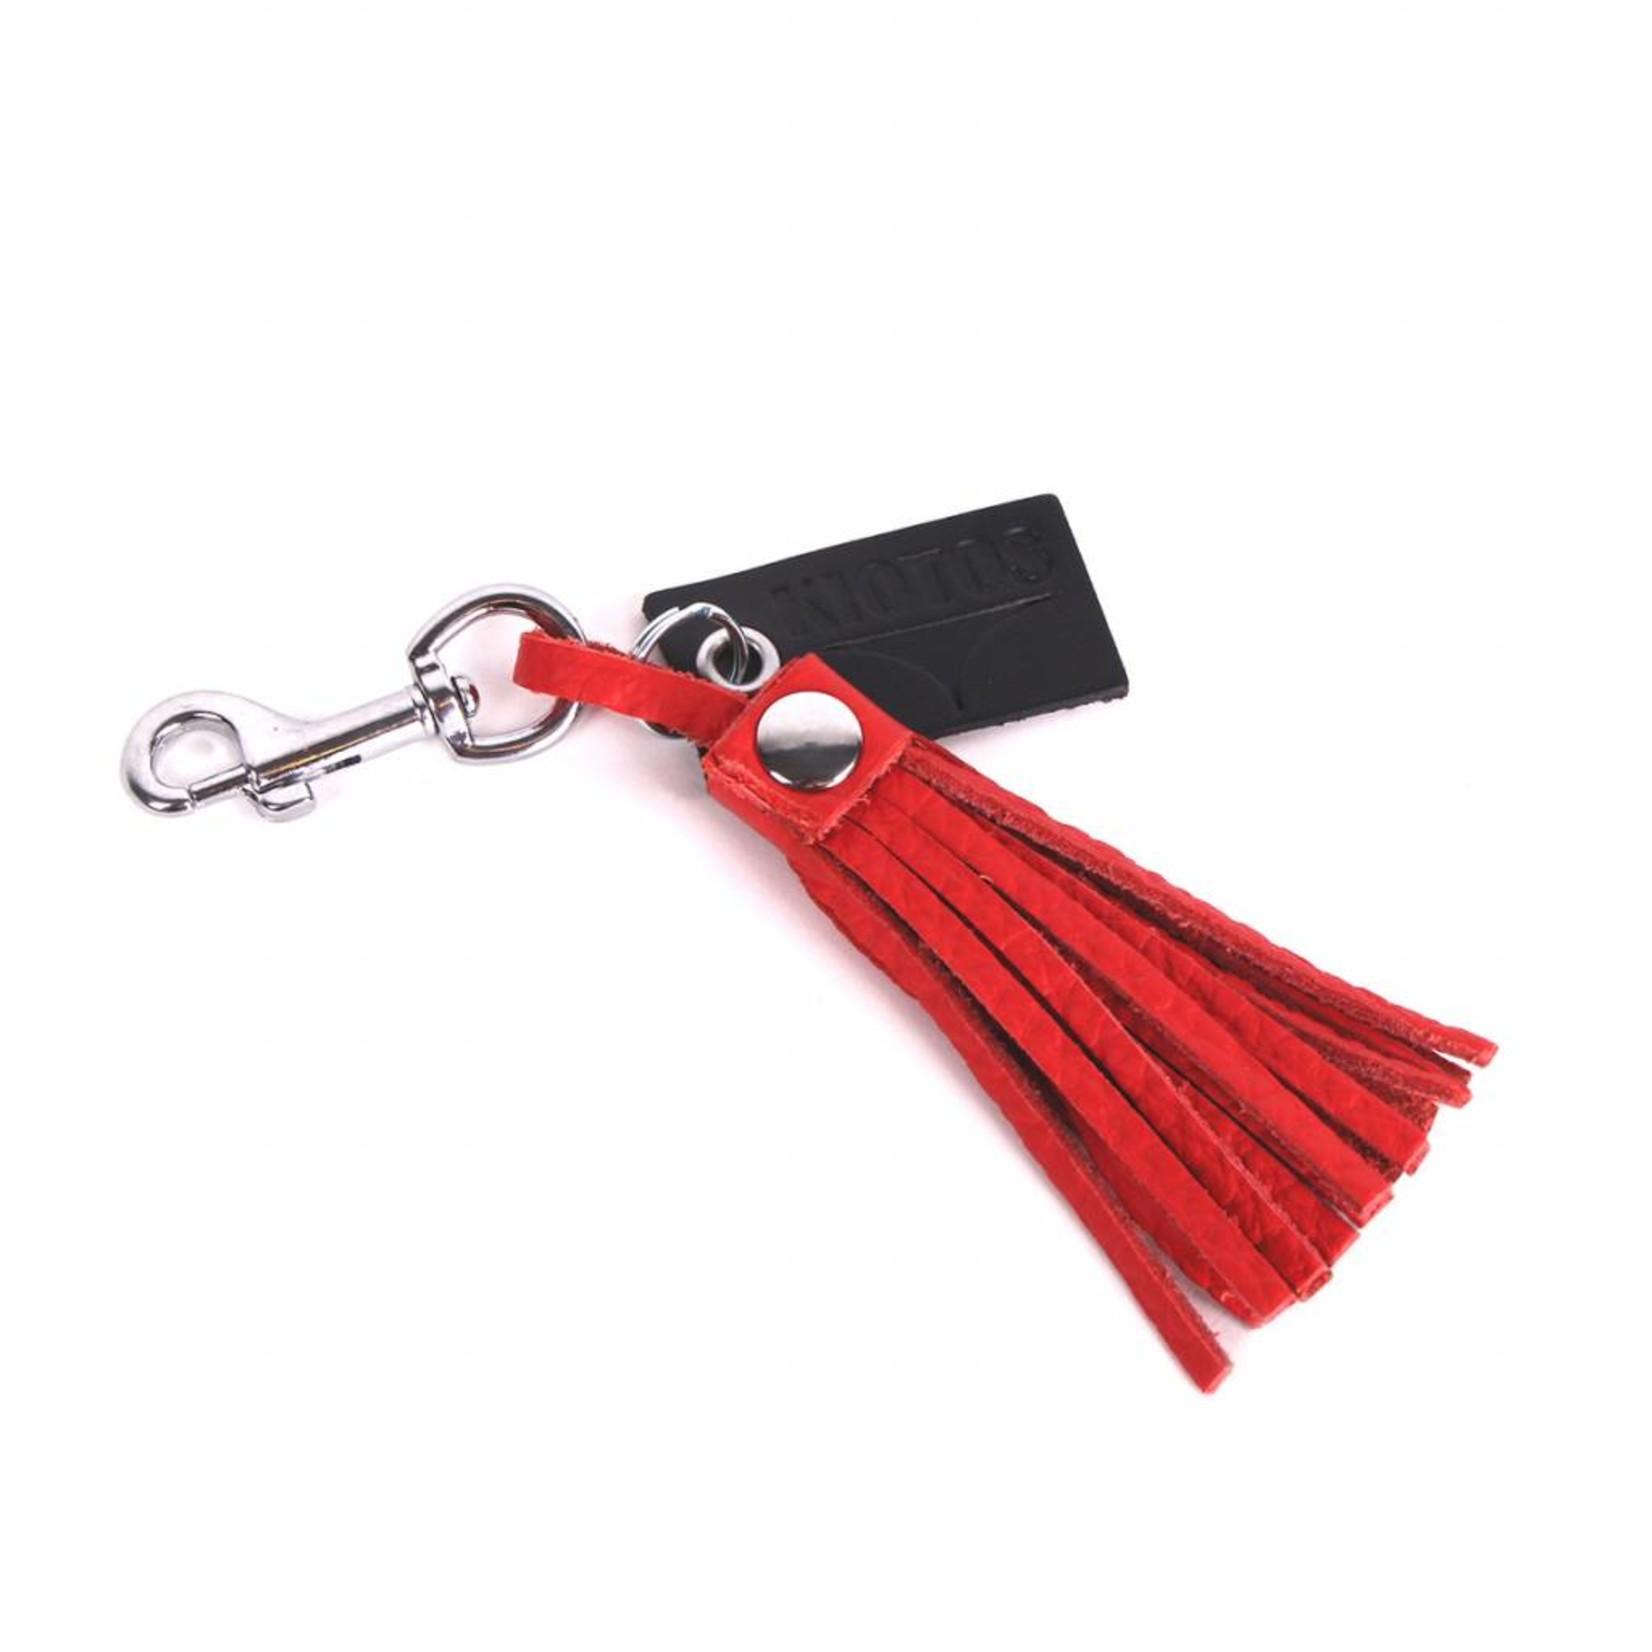 KIOTOS Leather Kiotos Lederen Sleutelhanger